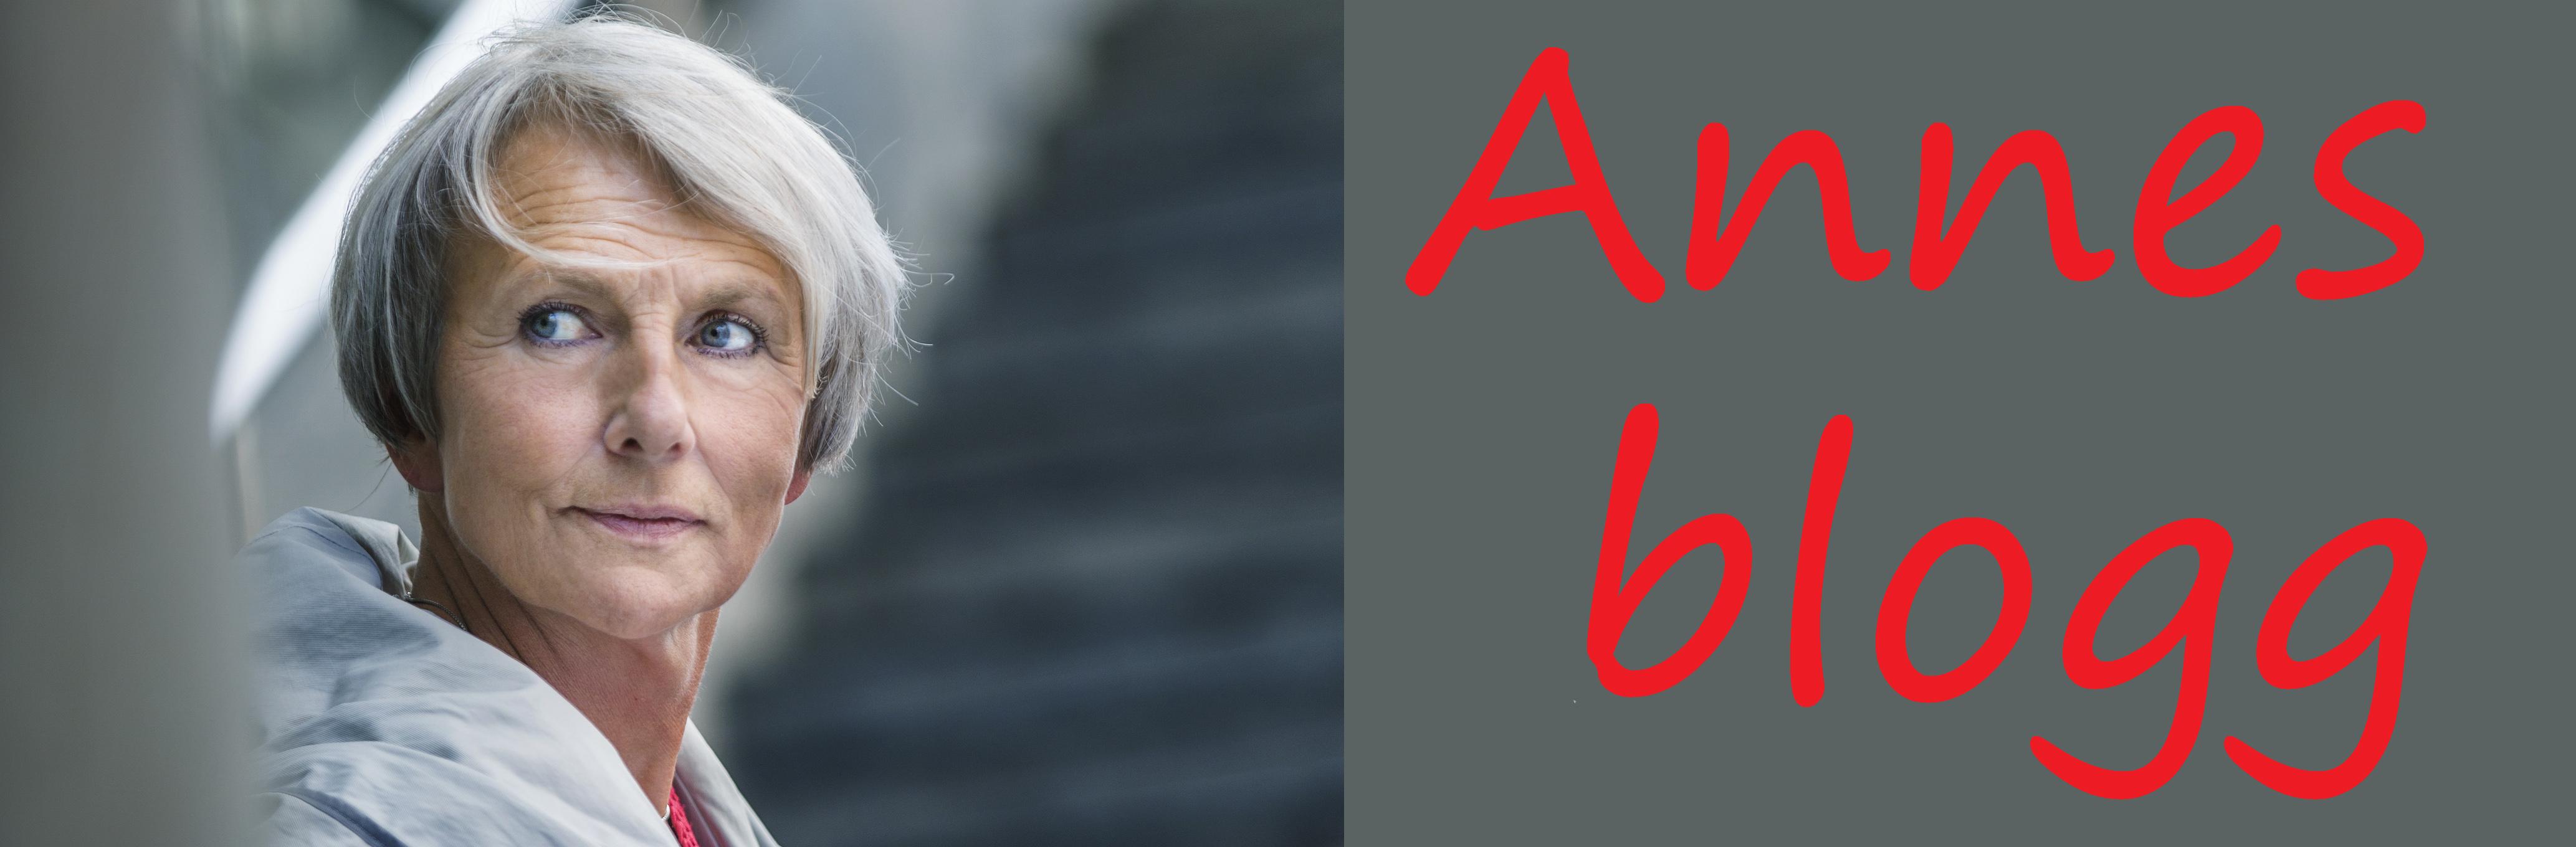 Annes blogg - Anne Finborud - vignett